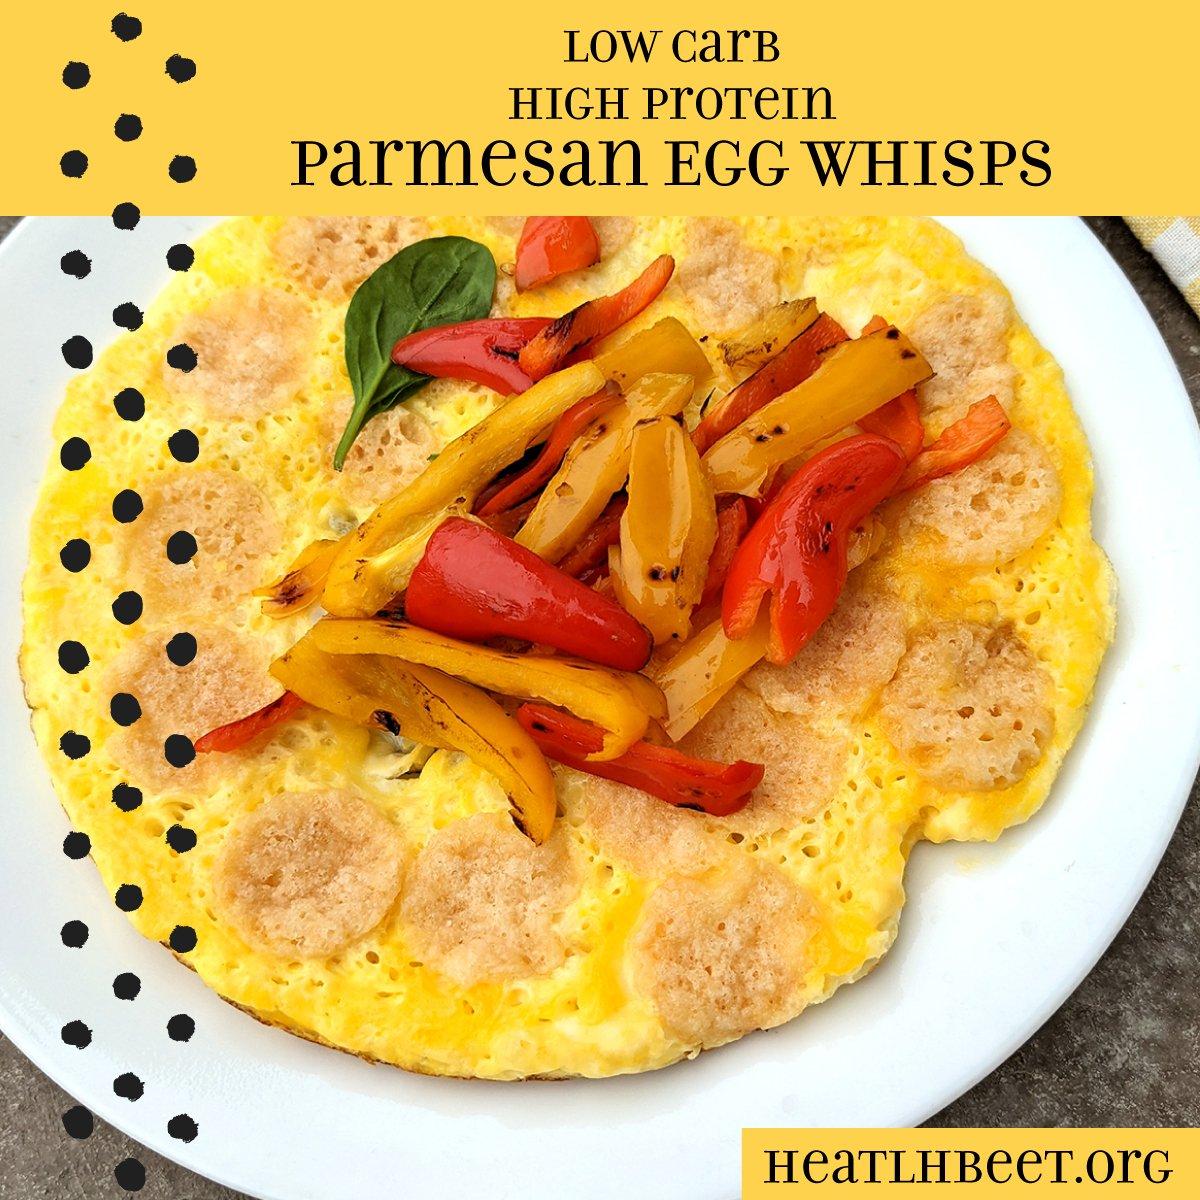 Egg Whisps Black and Yellow Thumb 1200x1200